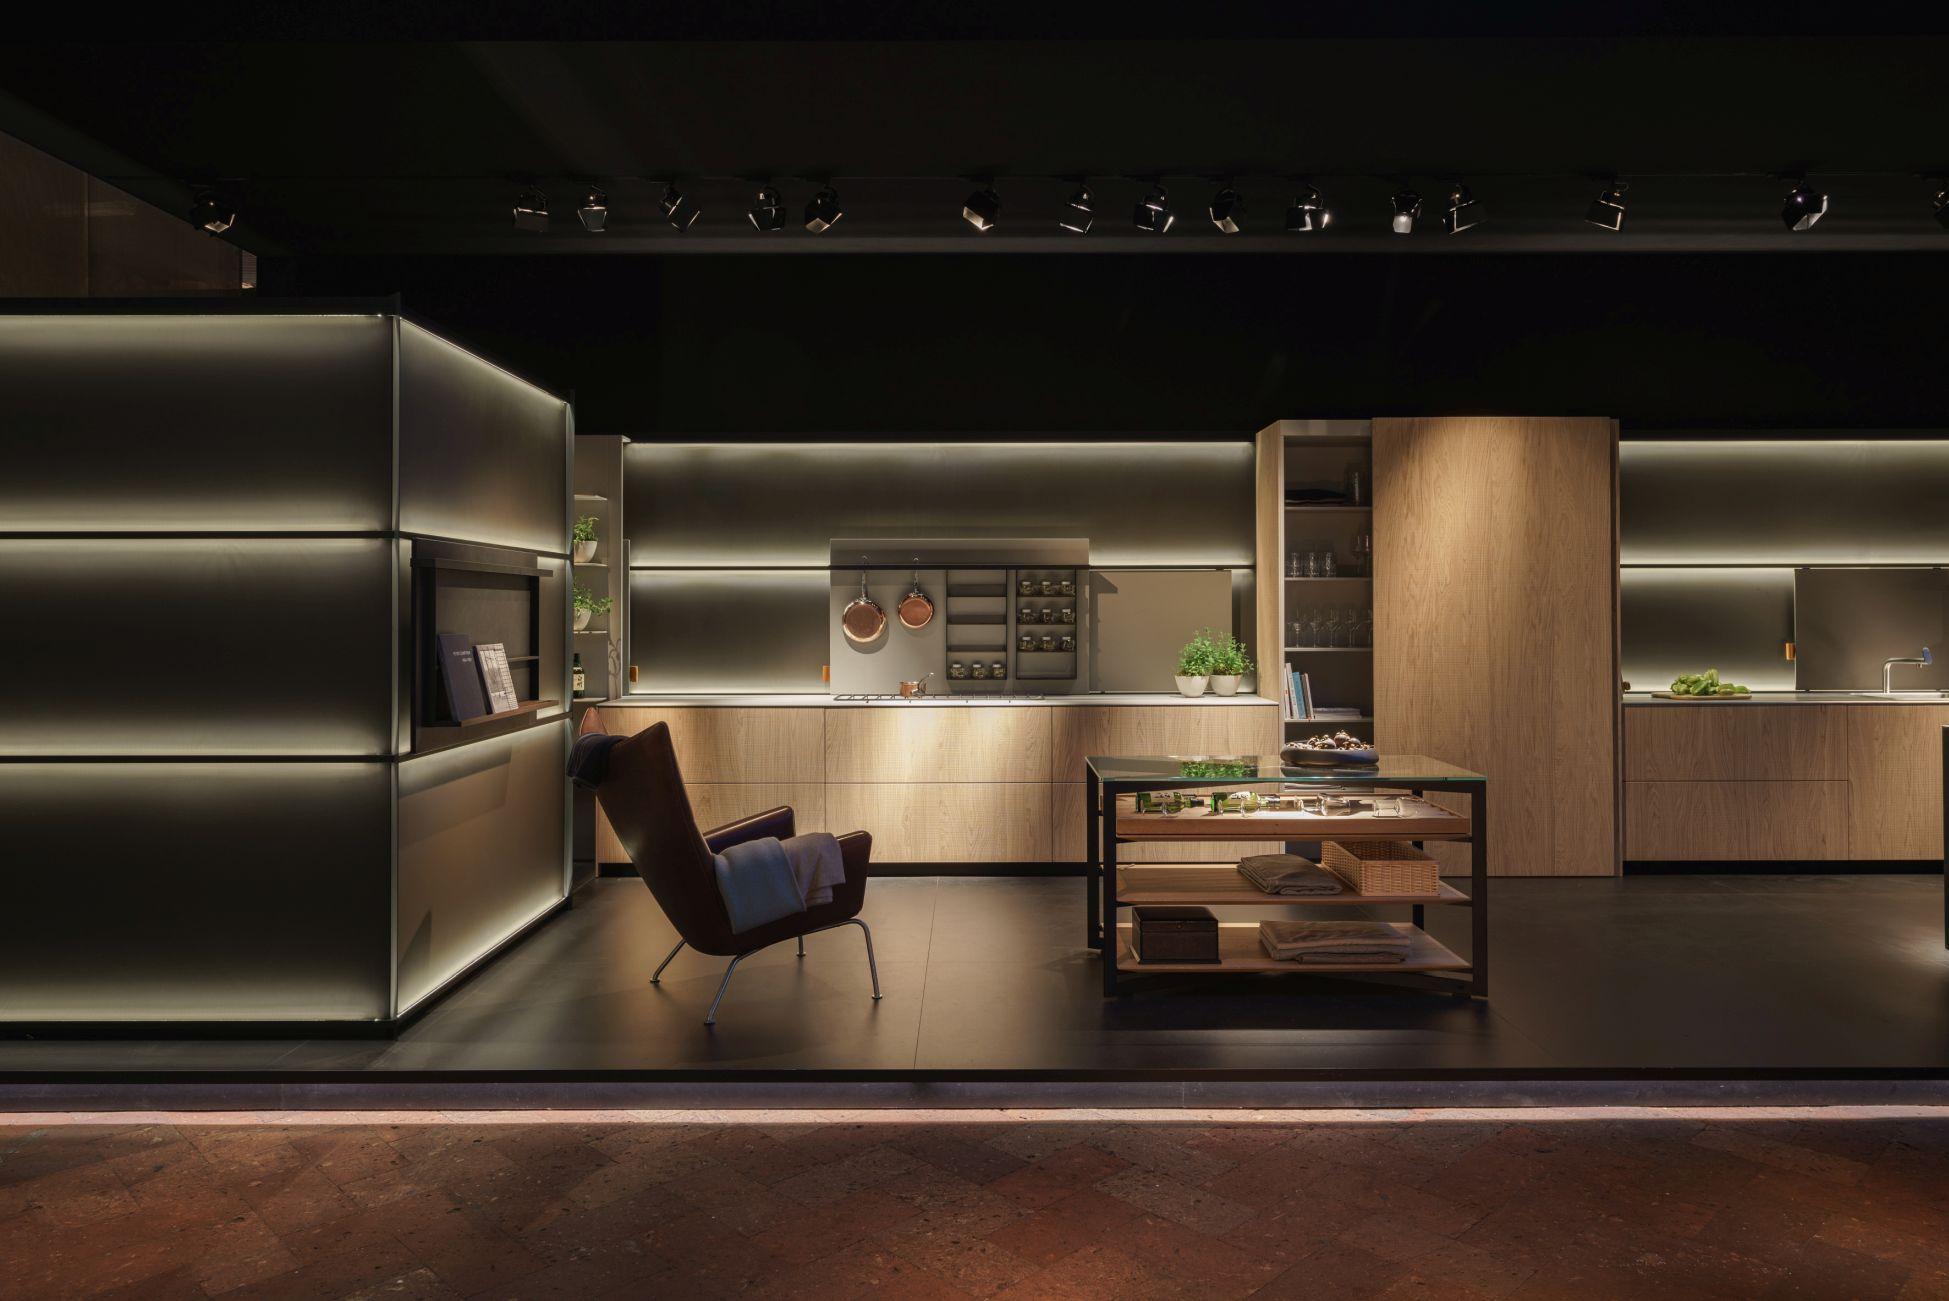 bulthaup pr sentation mailand 2016 viva messe und. Black Bedroom Furniture Sets. Home Design Ideas